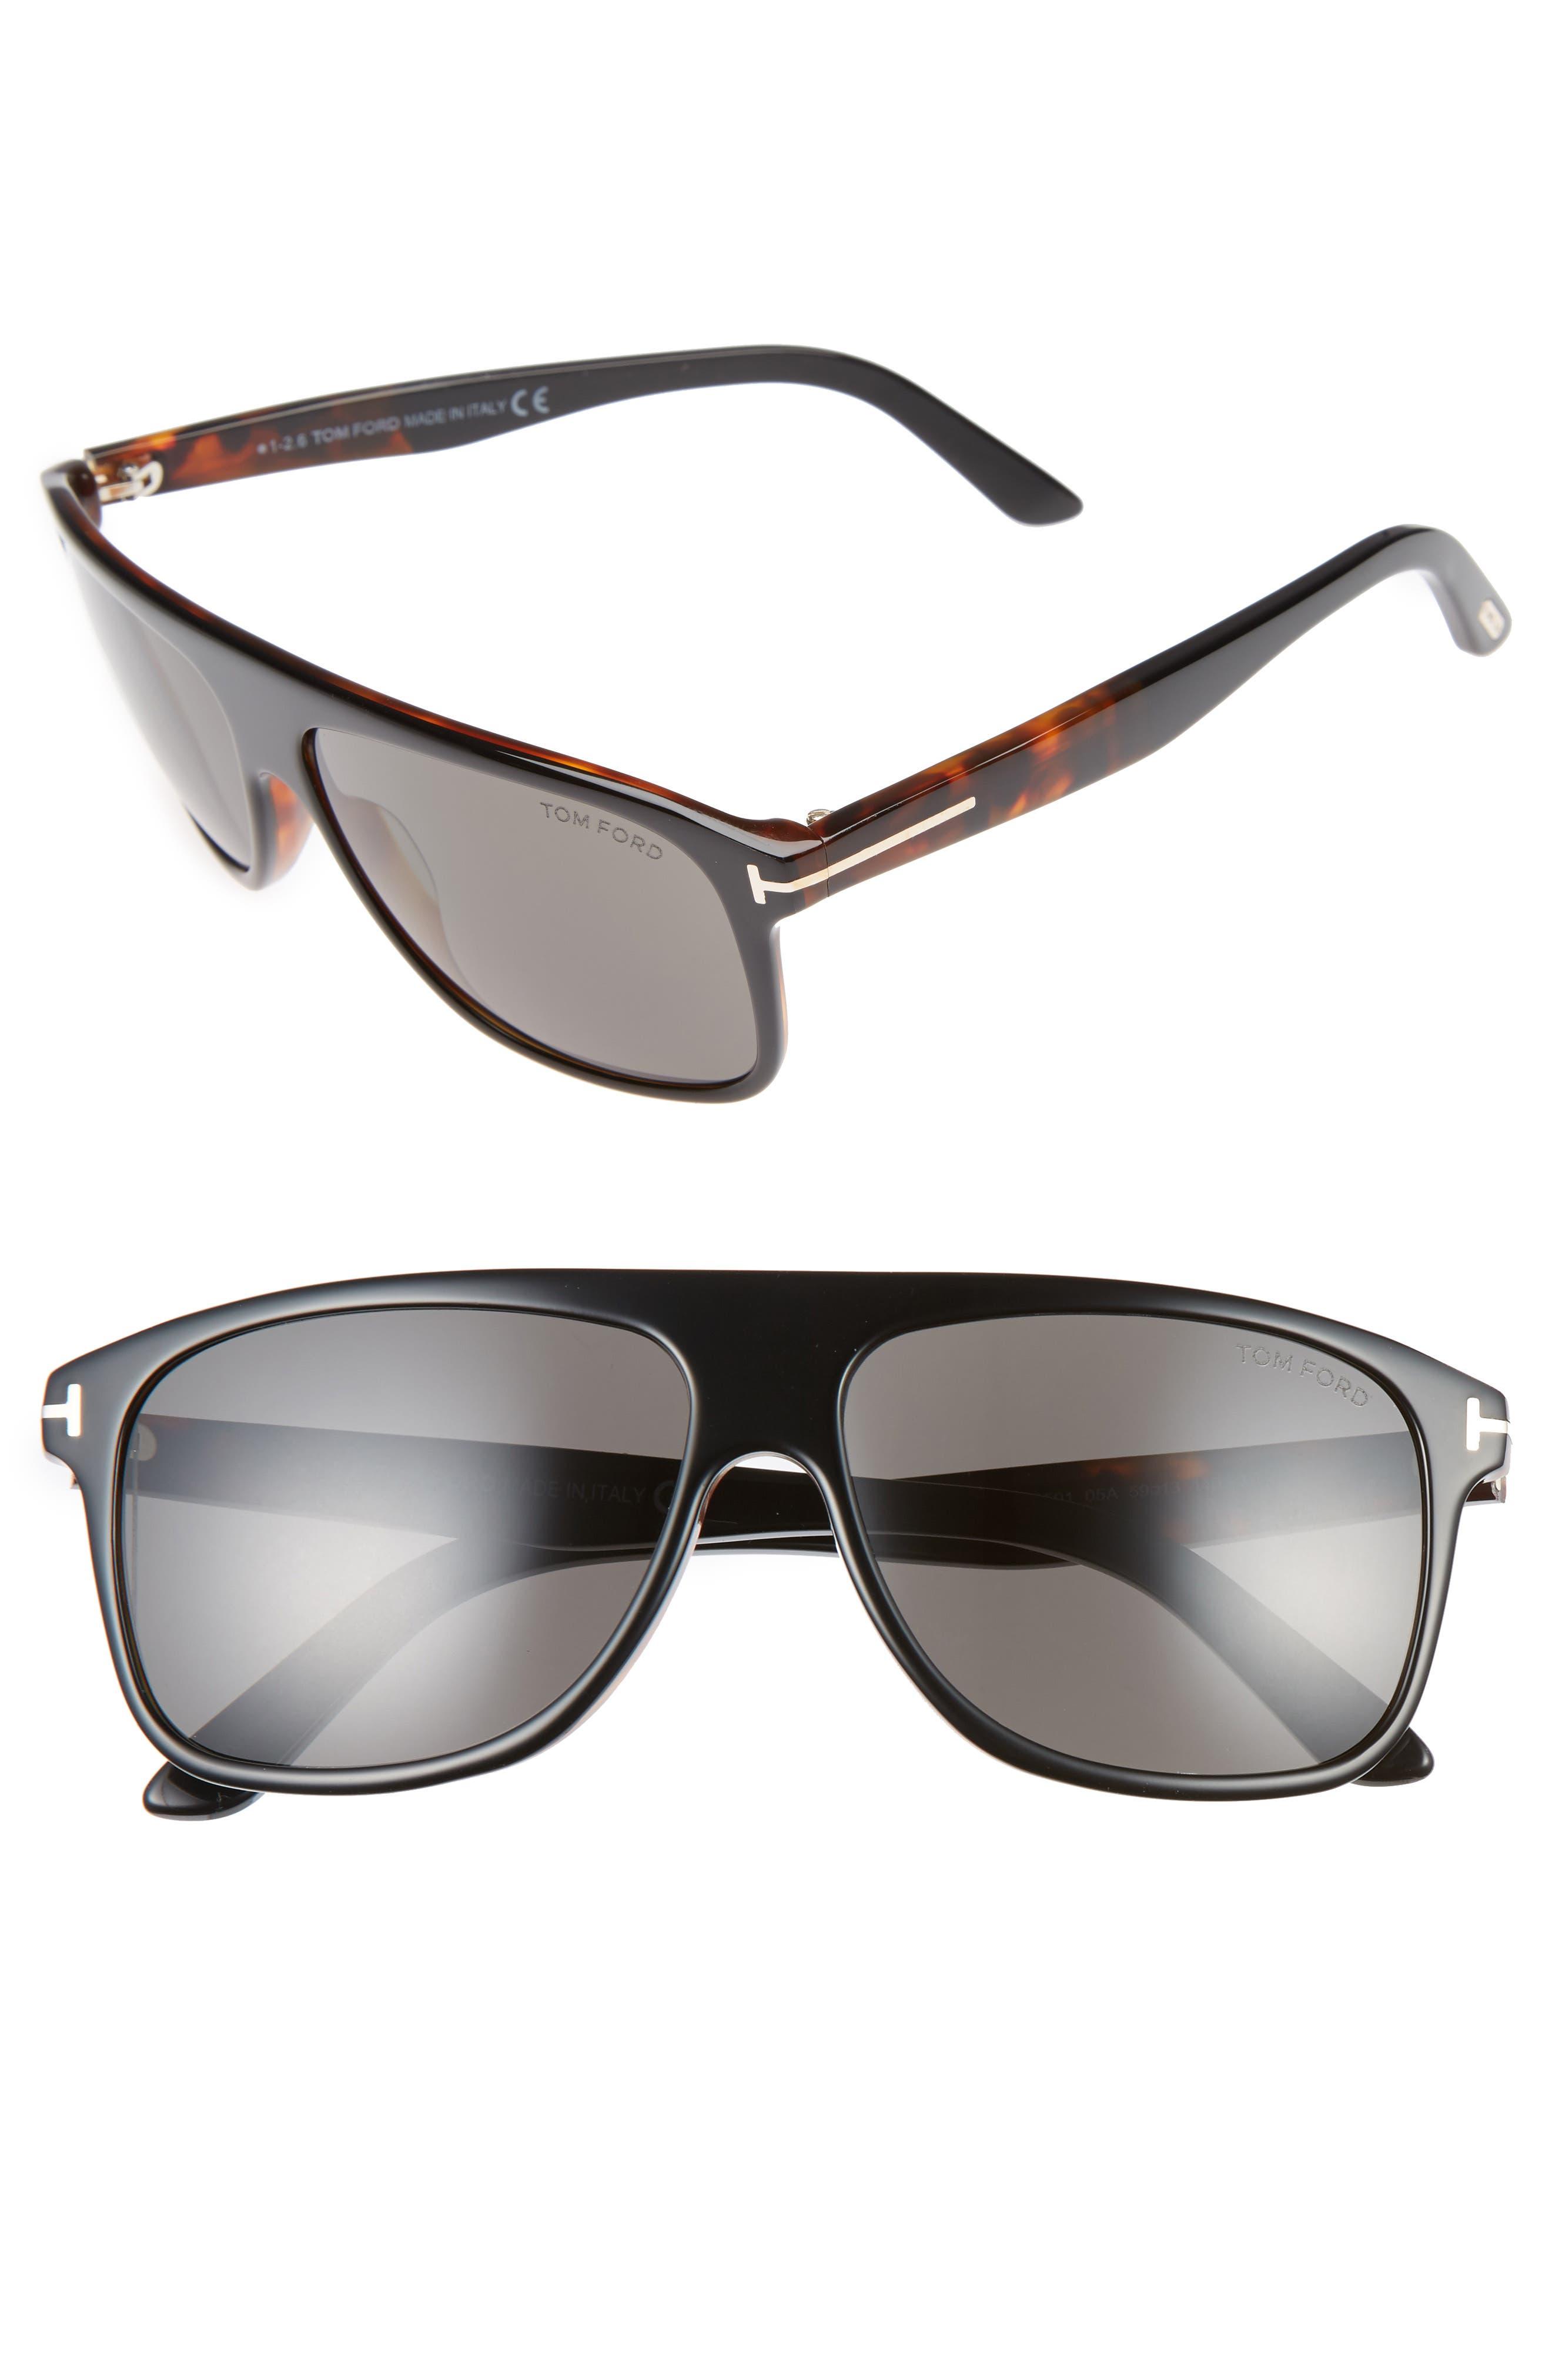 Main Image - Tom Ford Inigo 59mm Flat Top Sunglasses